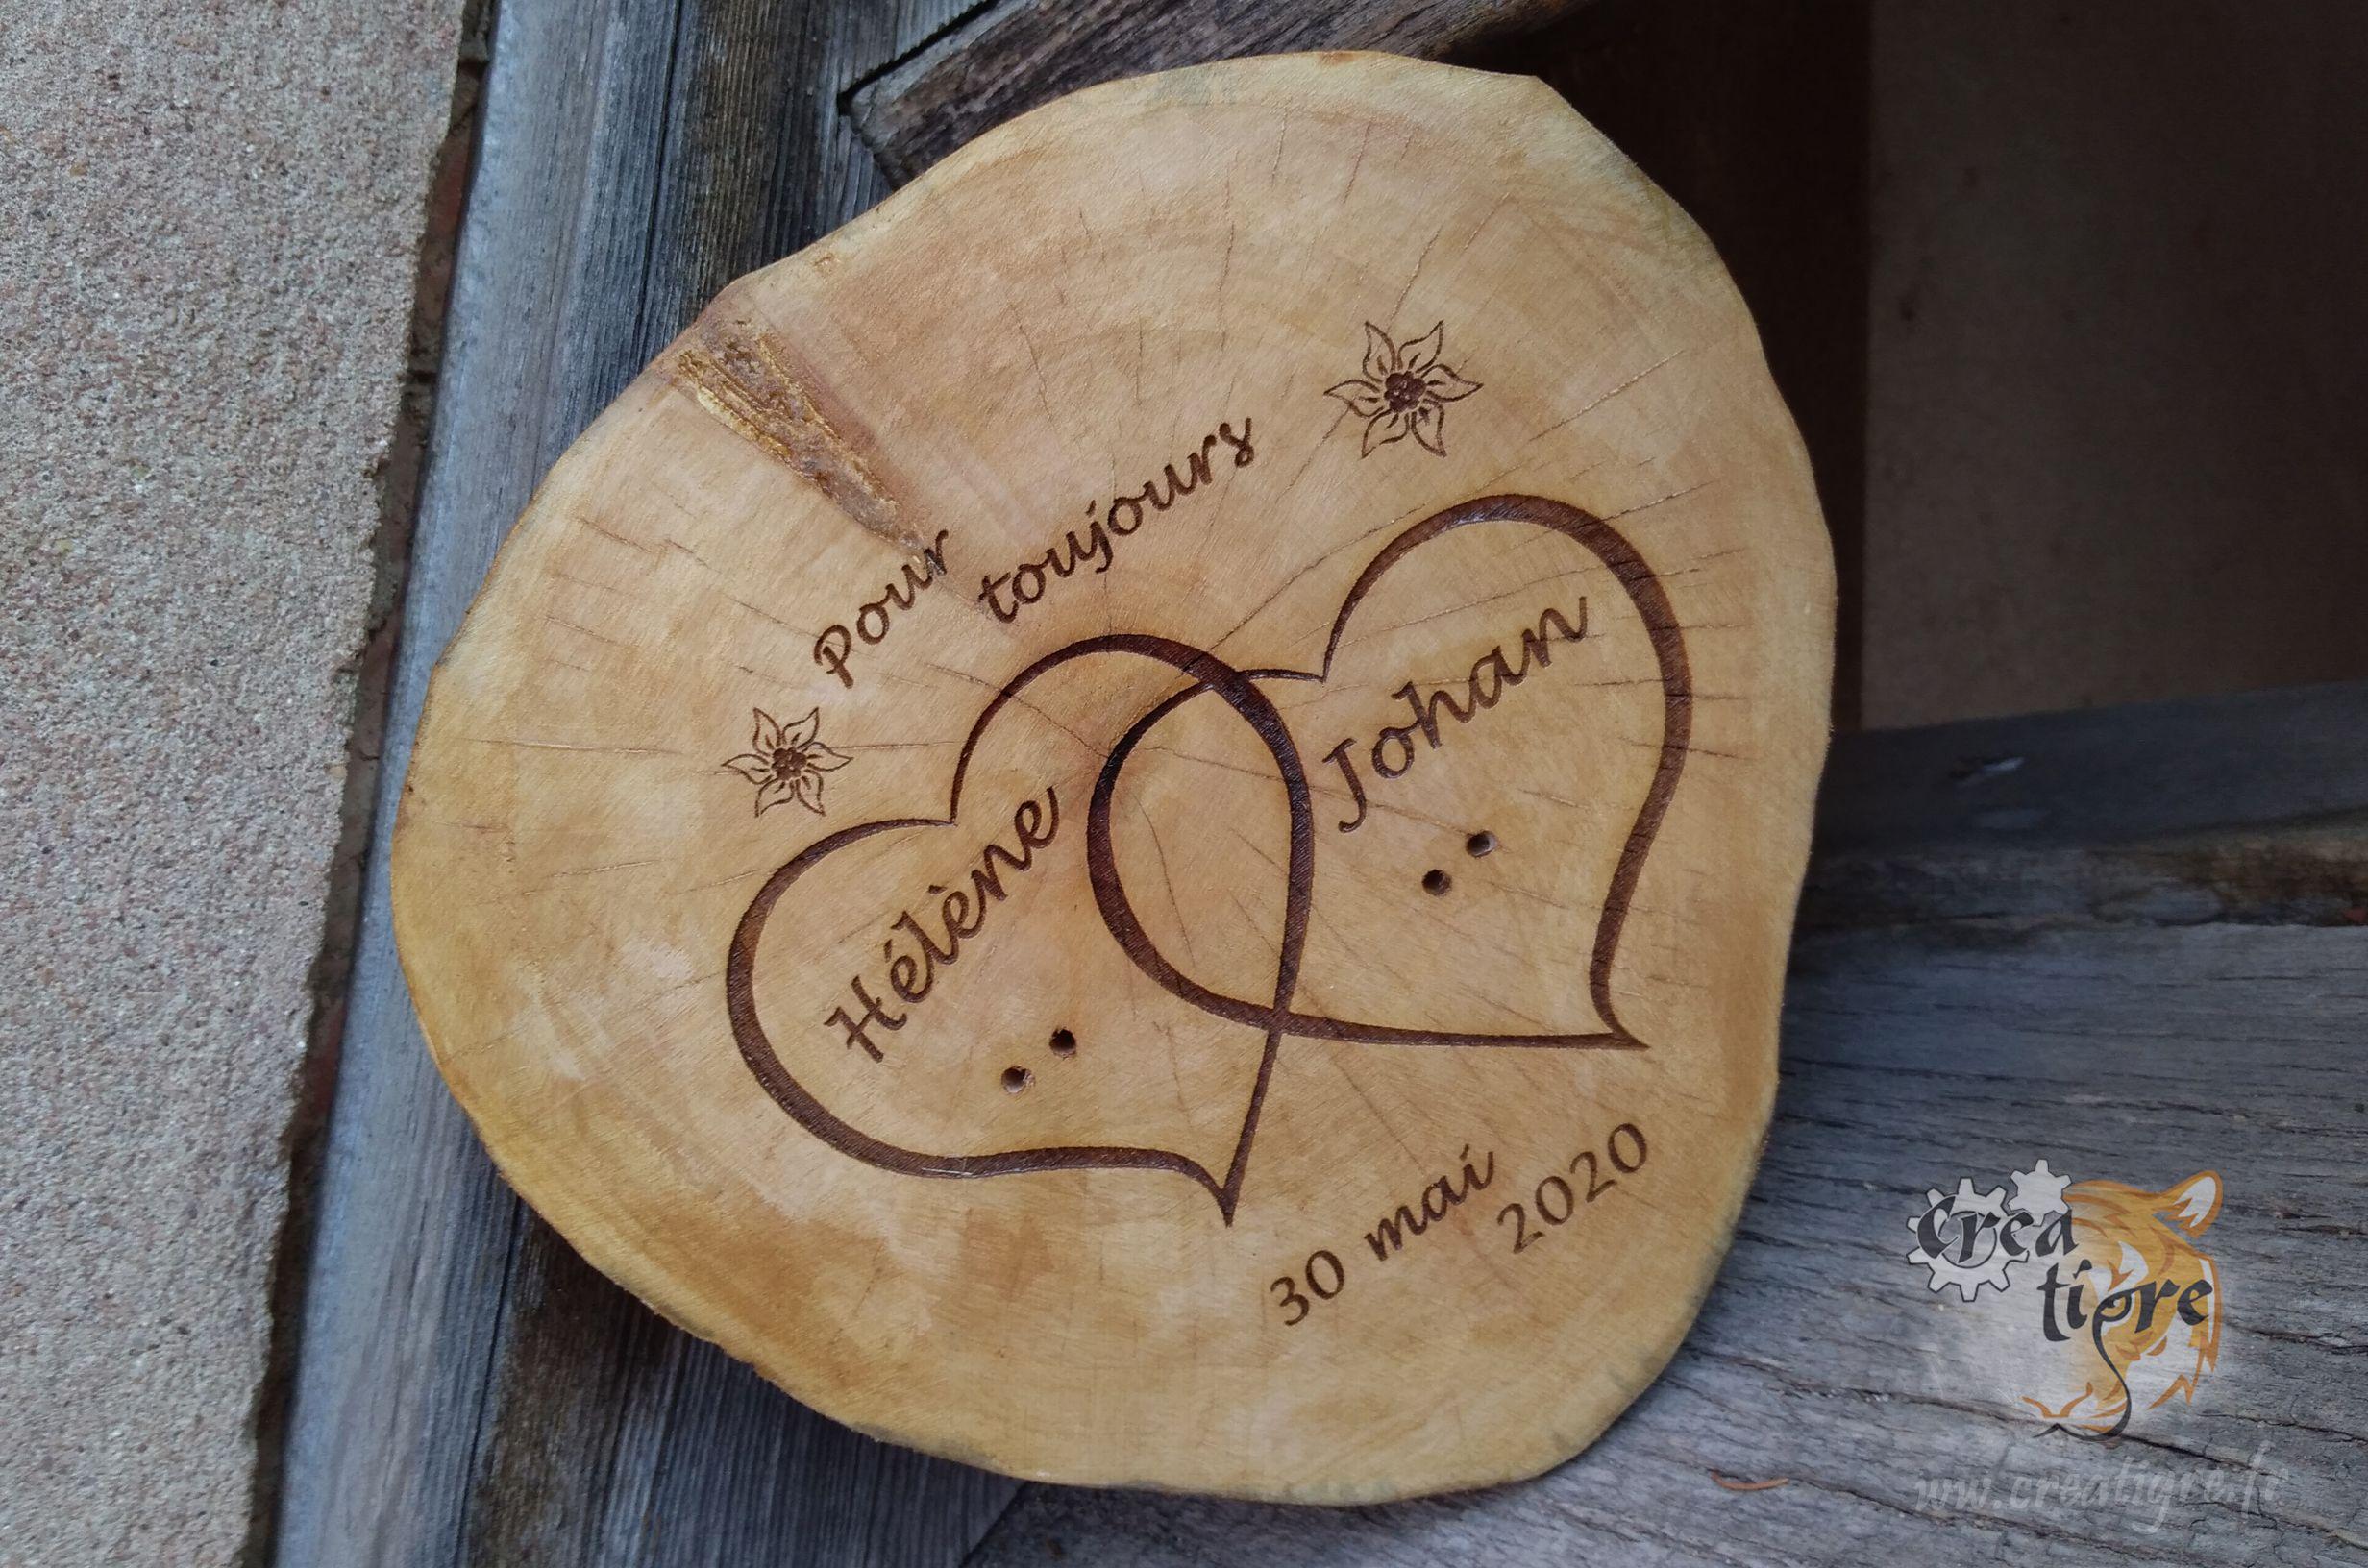 Onwomania Porte-cl/és en Bois Fait Main Ange Messager c/éleste avec Coeur Volant